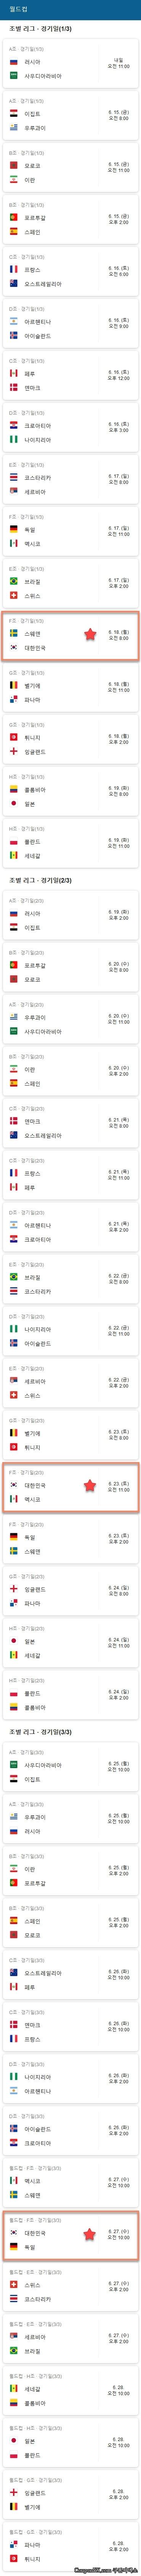 월드컵-일정.jpg